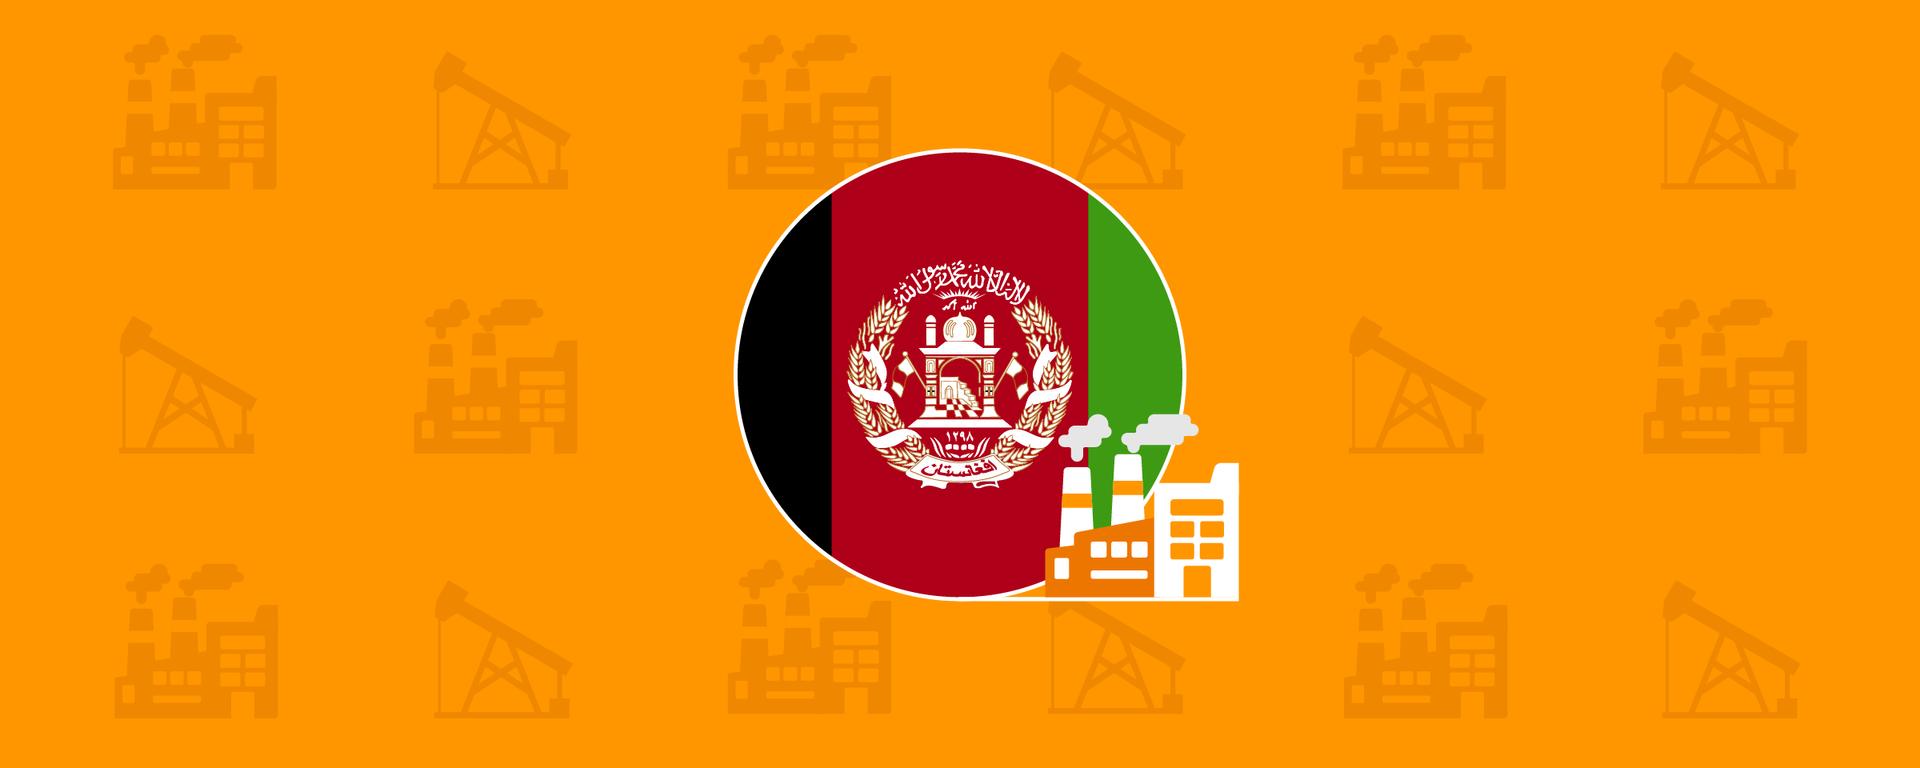 Заглушка. Афганистан: население и ресурсы - Sputnik Таджикистан, 1920, 17.08.2021